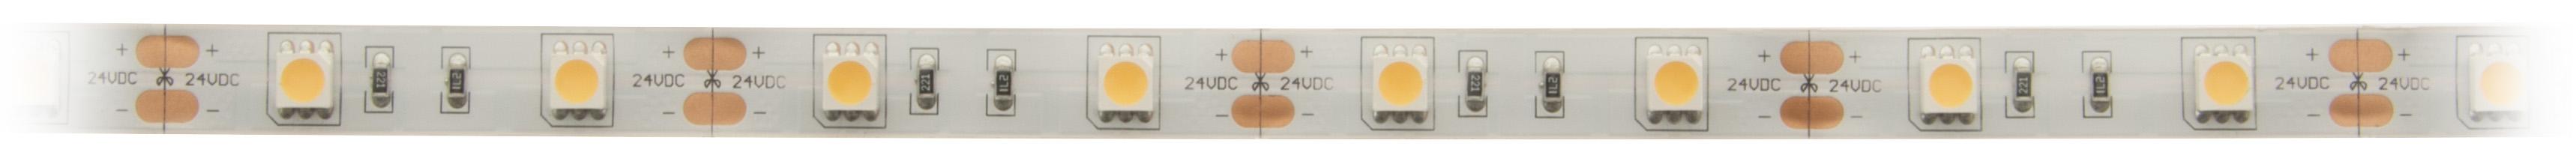 1 Stk Flexstrip 35 CW Ra=90+, 7,6W/m, 680lm/m, 24VDC,IP44, l=5m LIFS015004